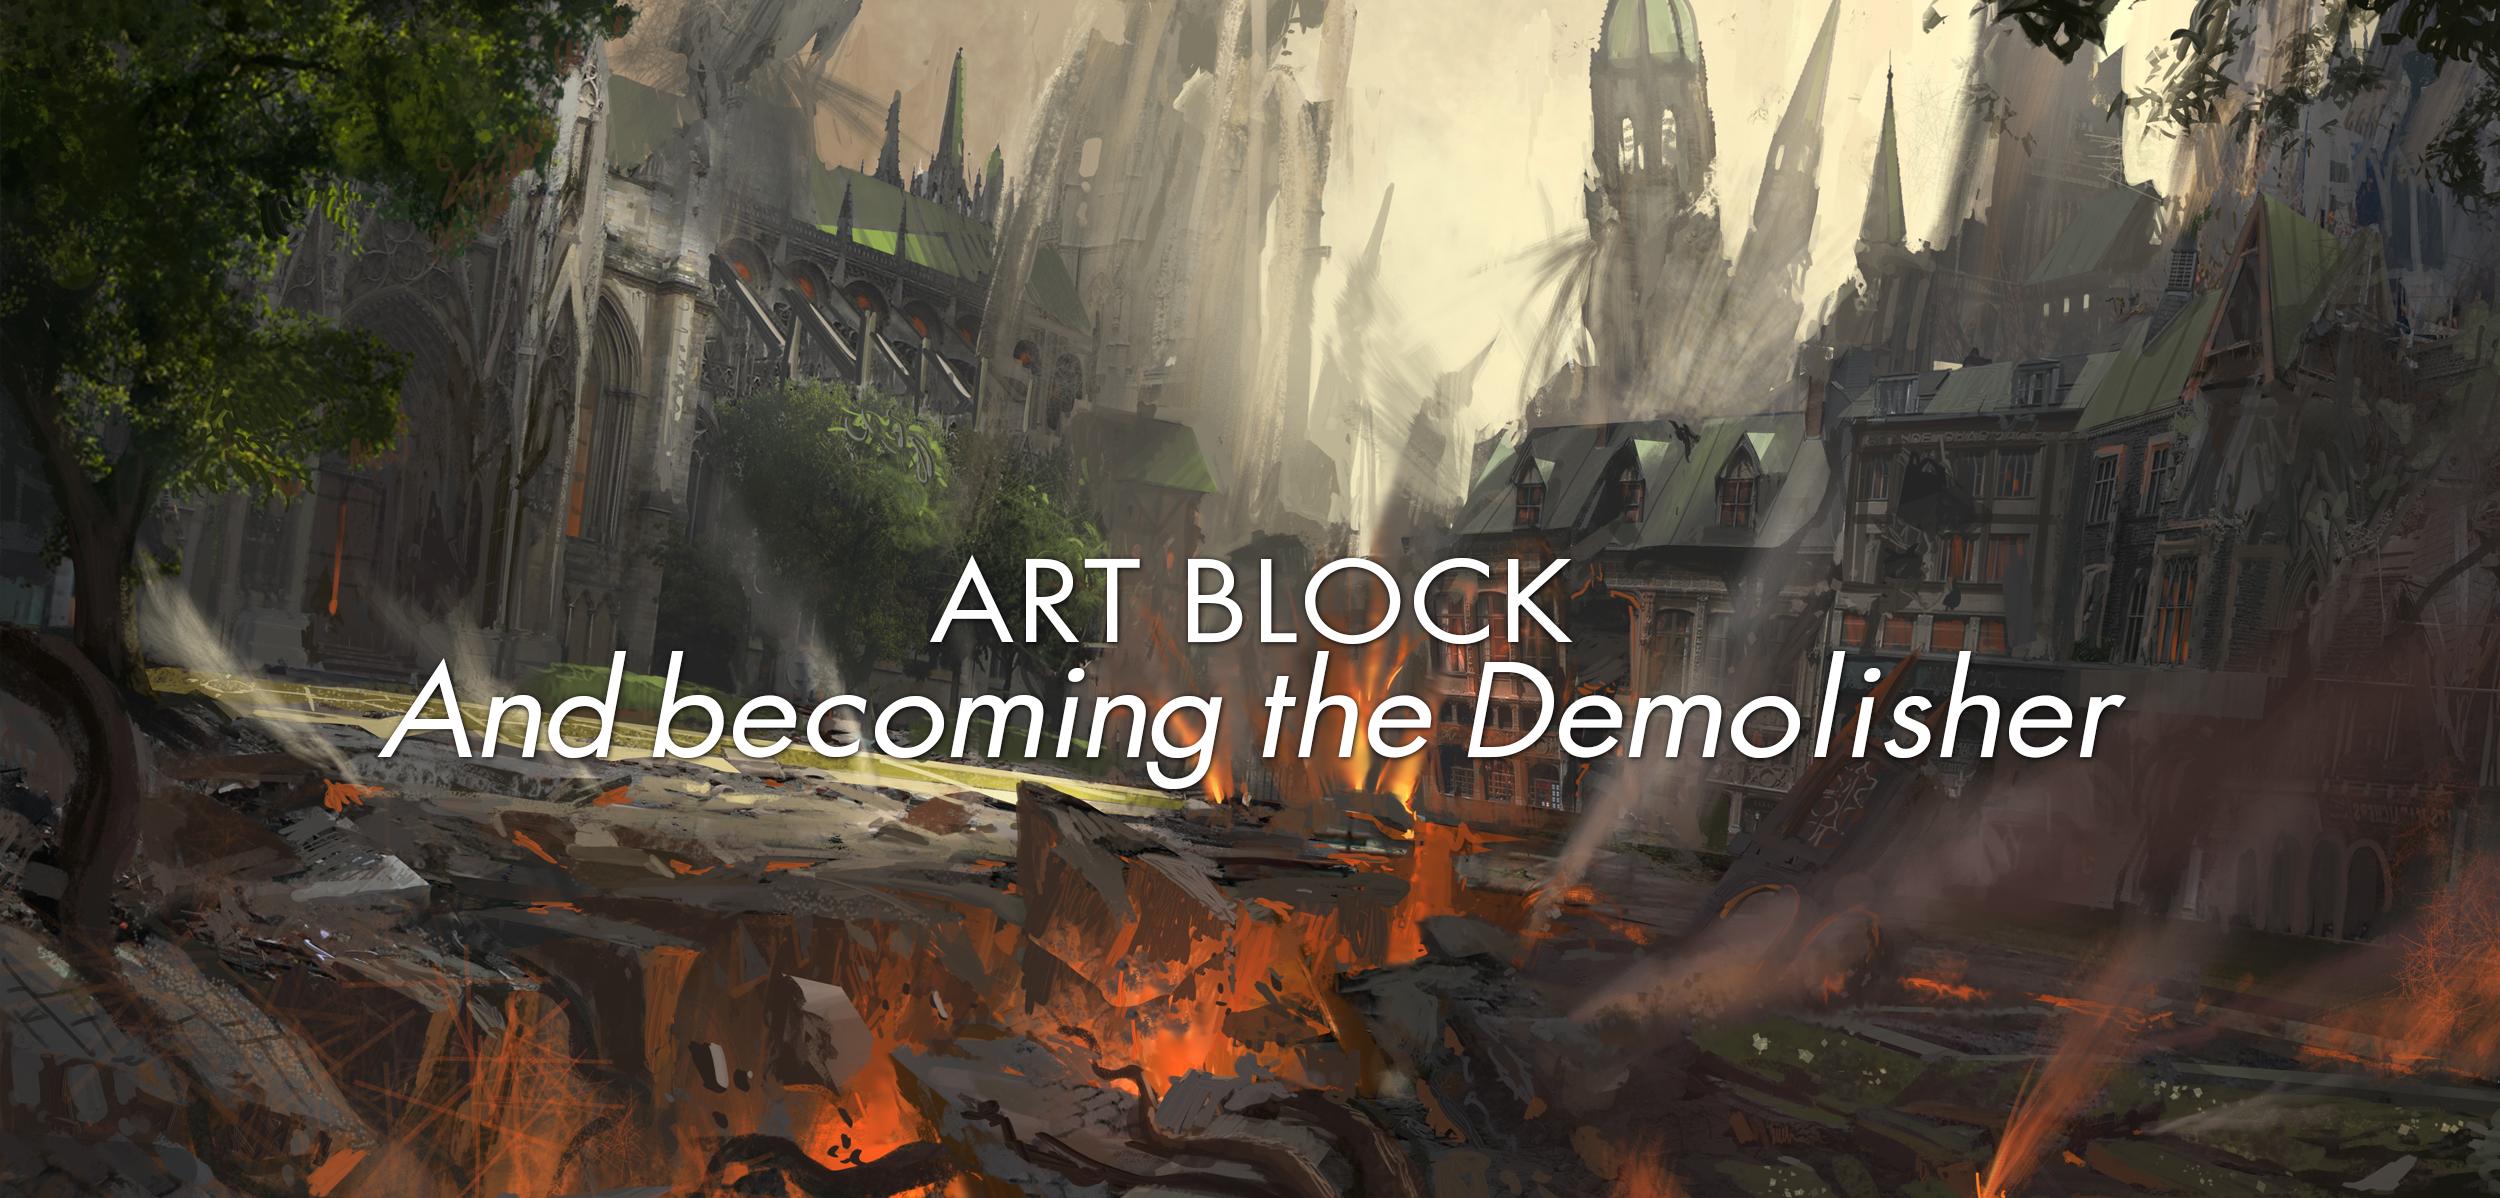 ArtBlock.jpg